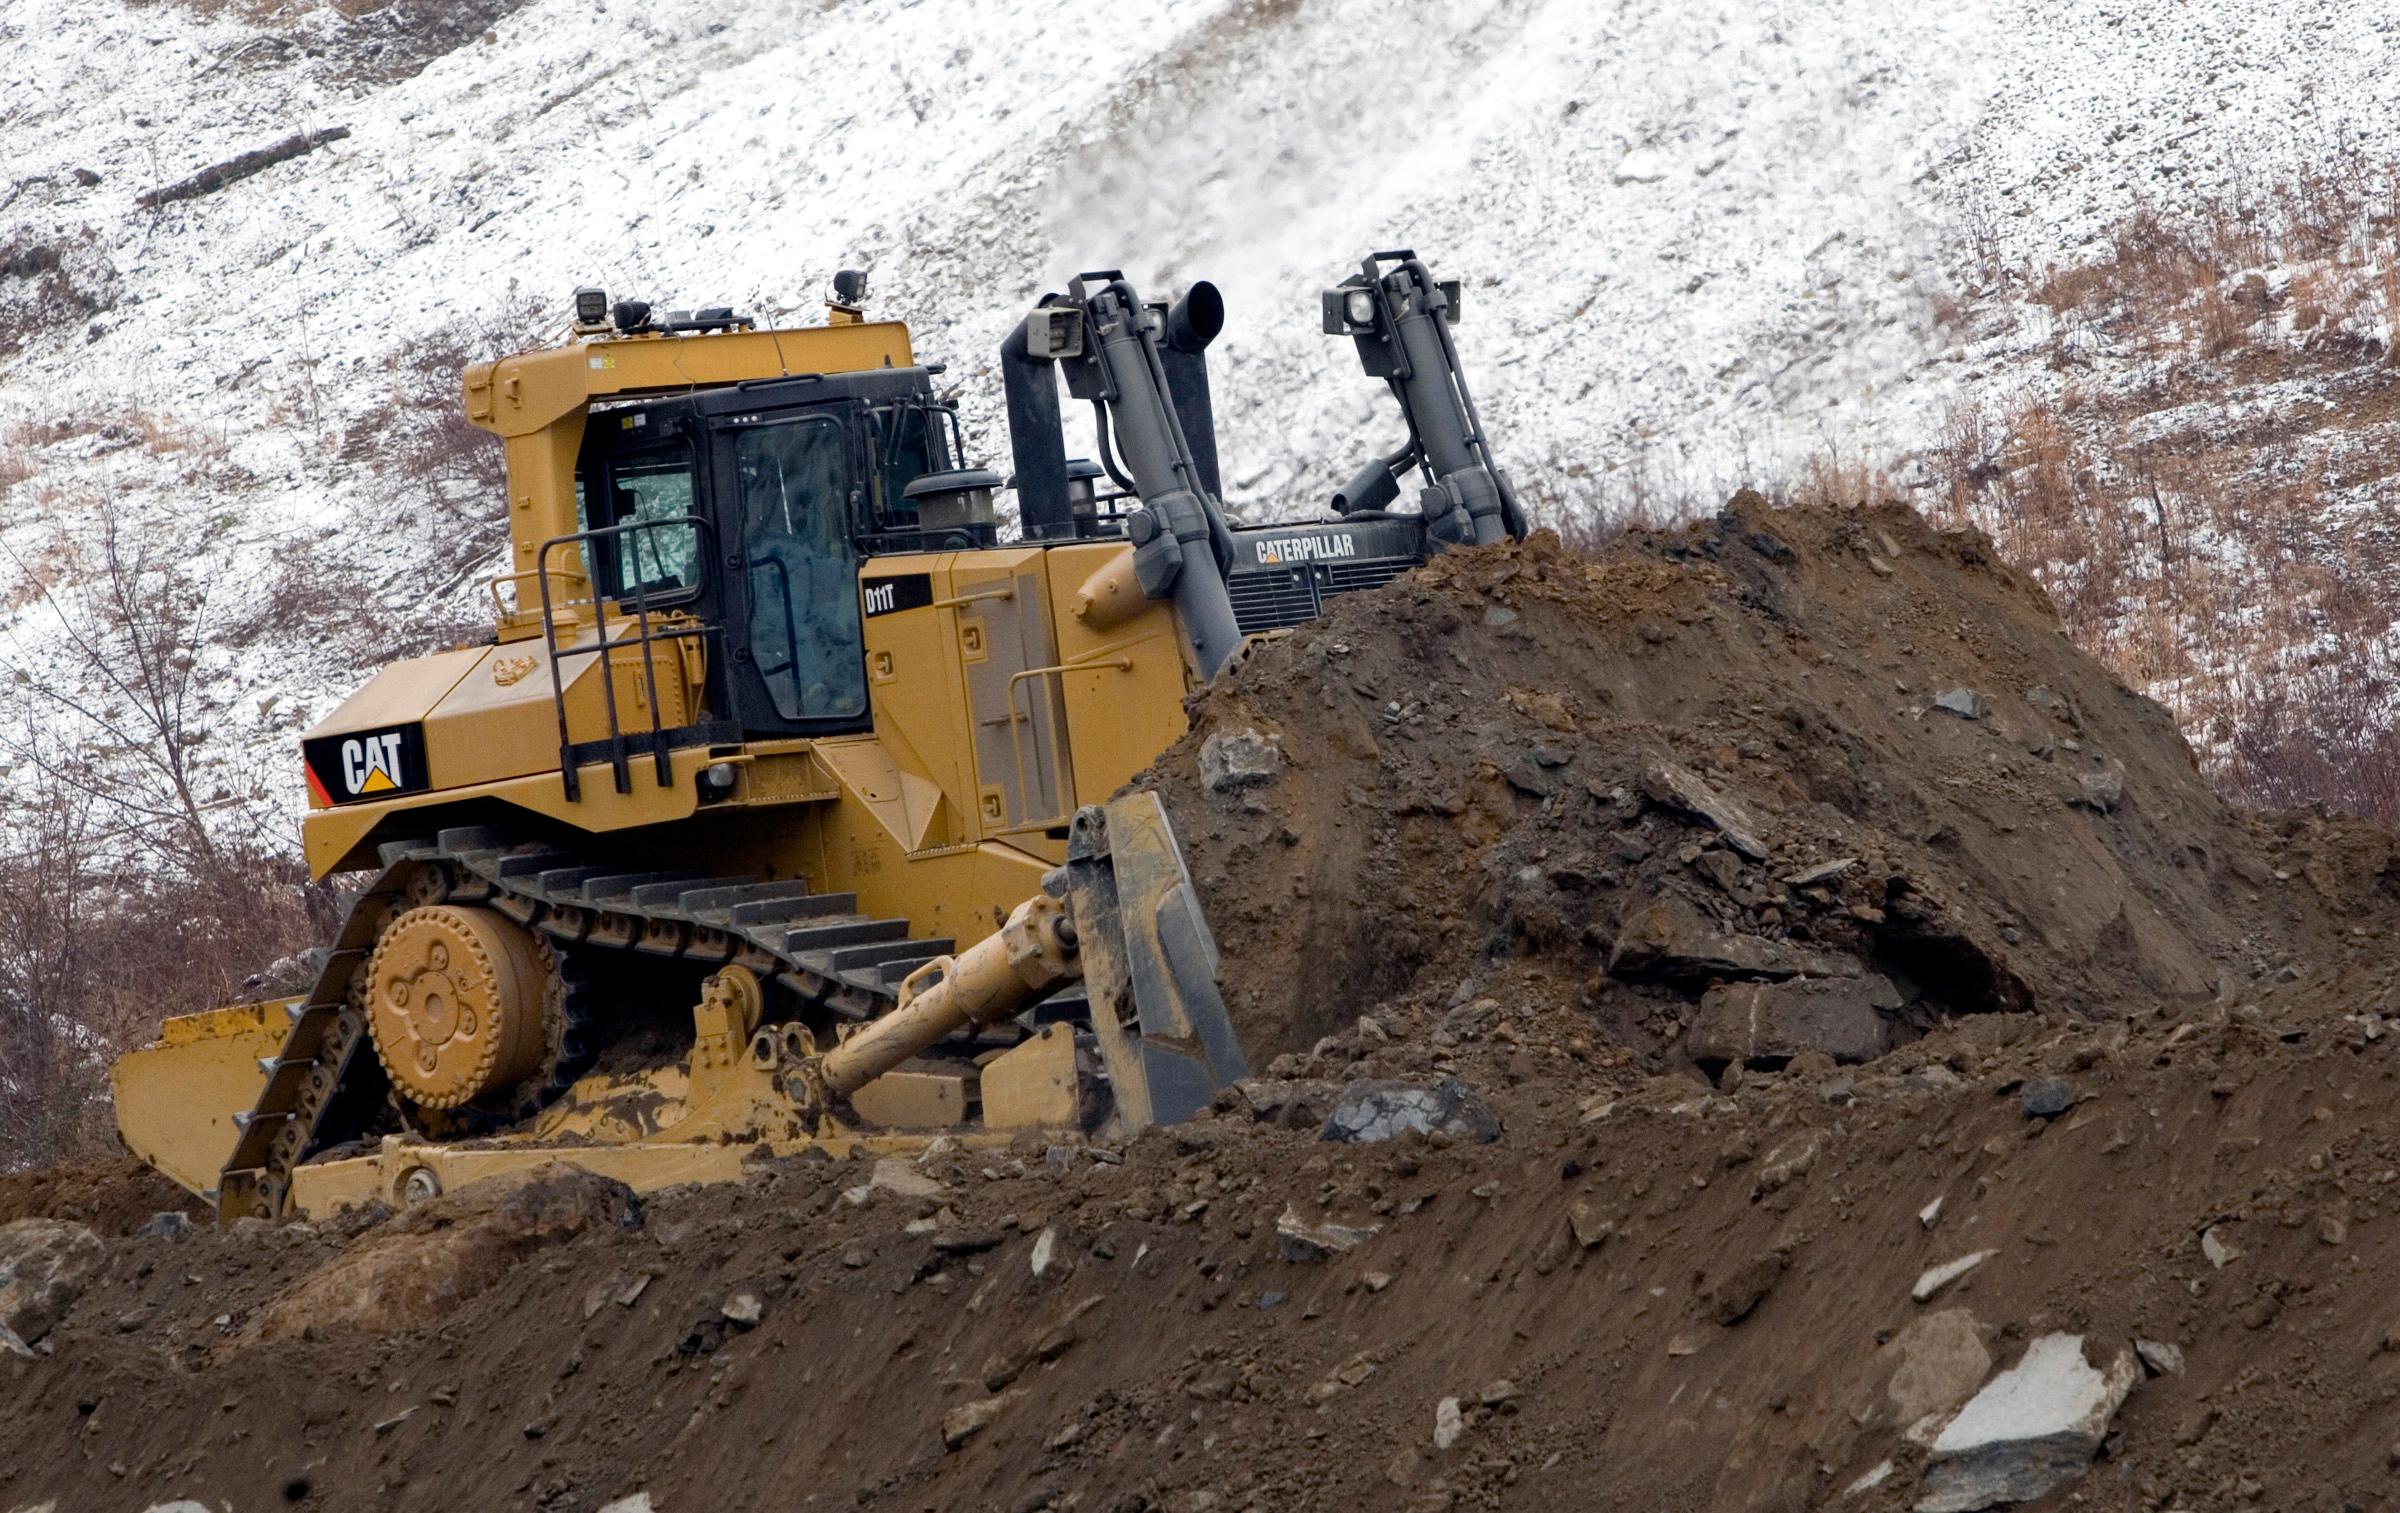 Cat D11T dozer meets Tier 4 final emissions standards